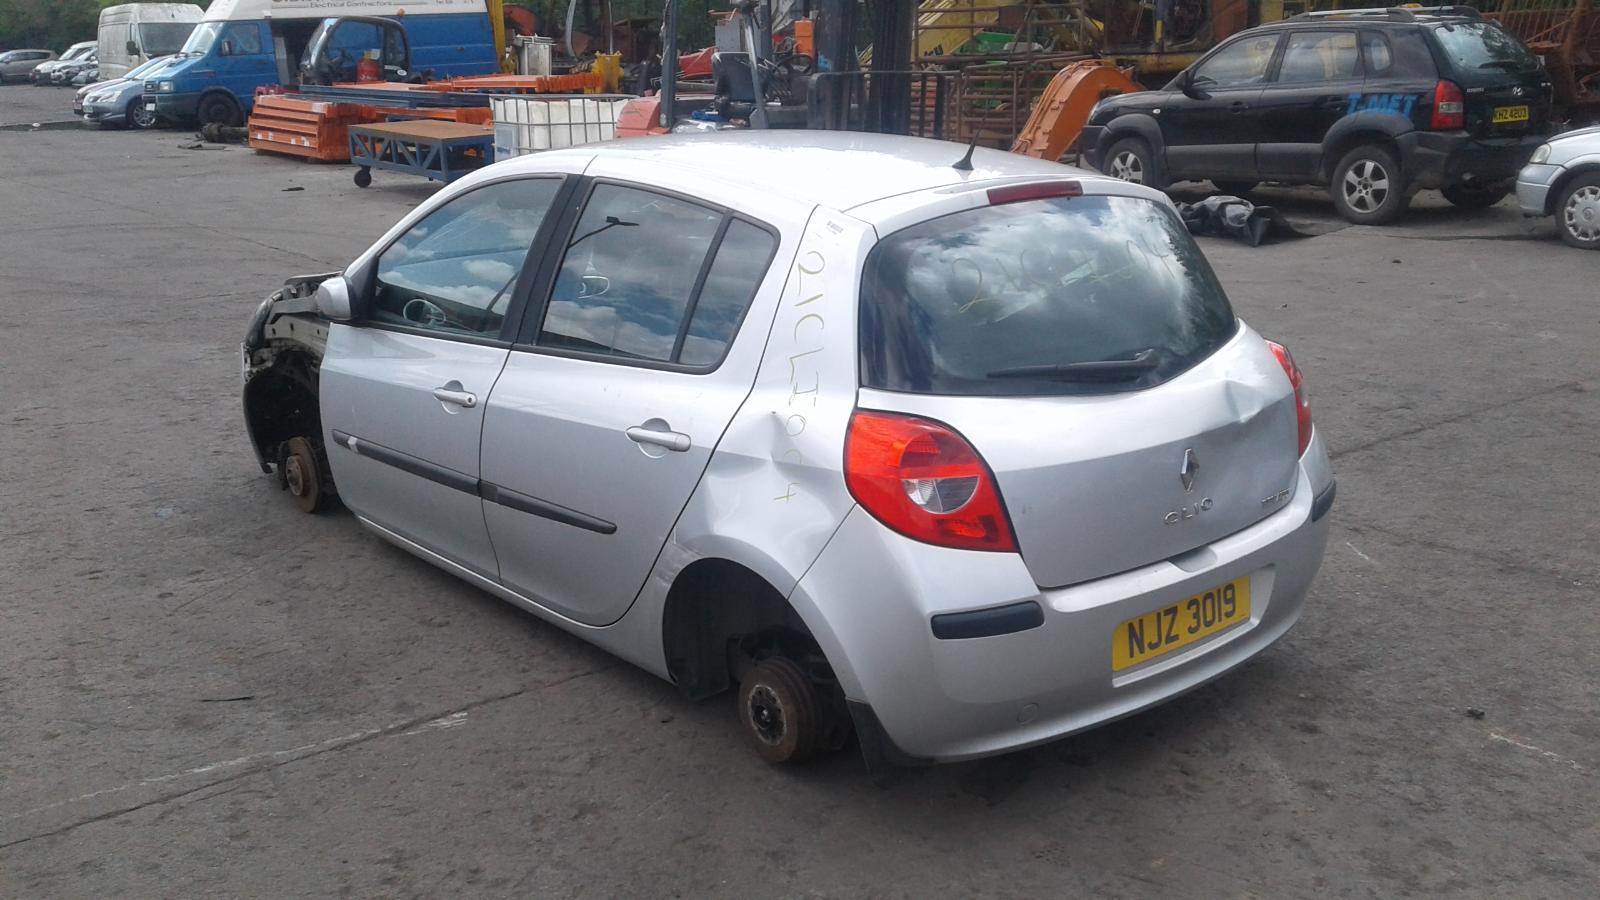 2007 RENAULT CLIO Image